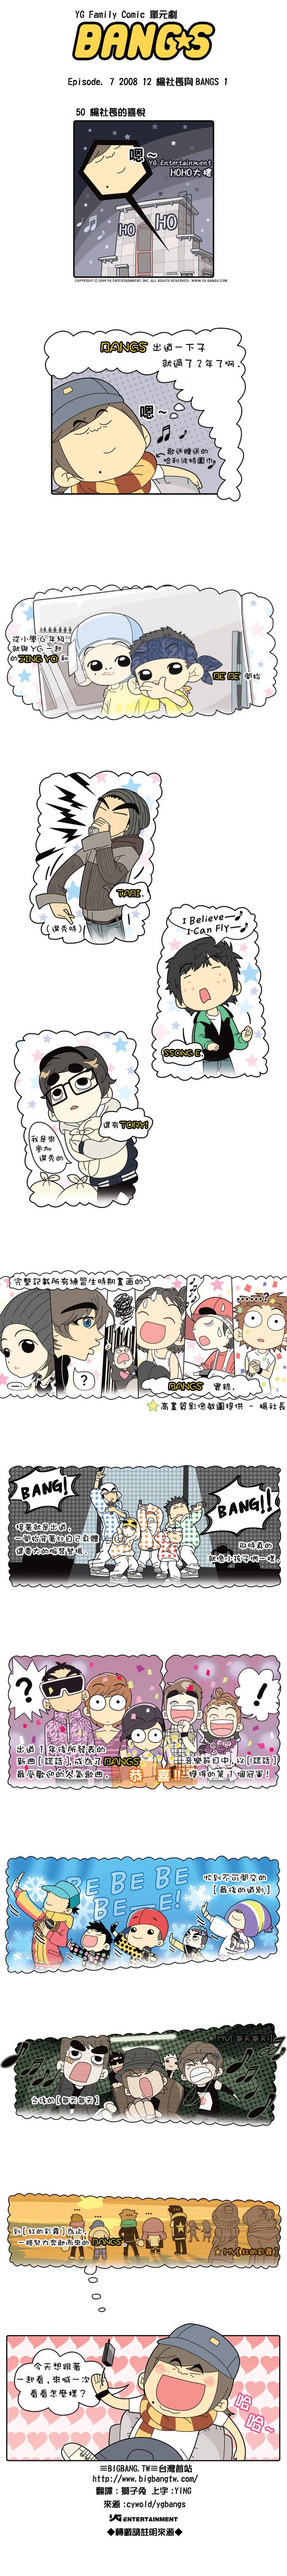 中譯 20090624_Episode 7_200812 楊社長與BANGS 050.png